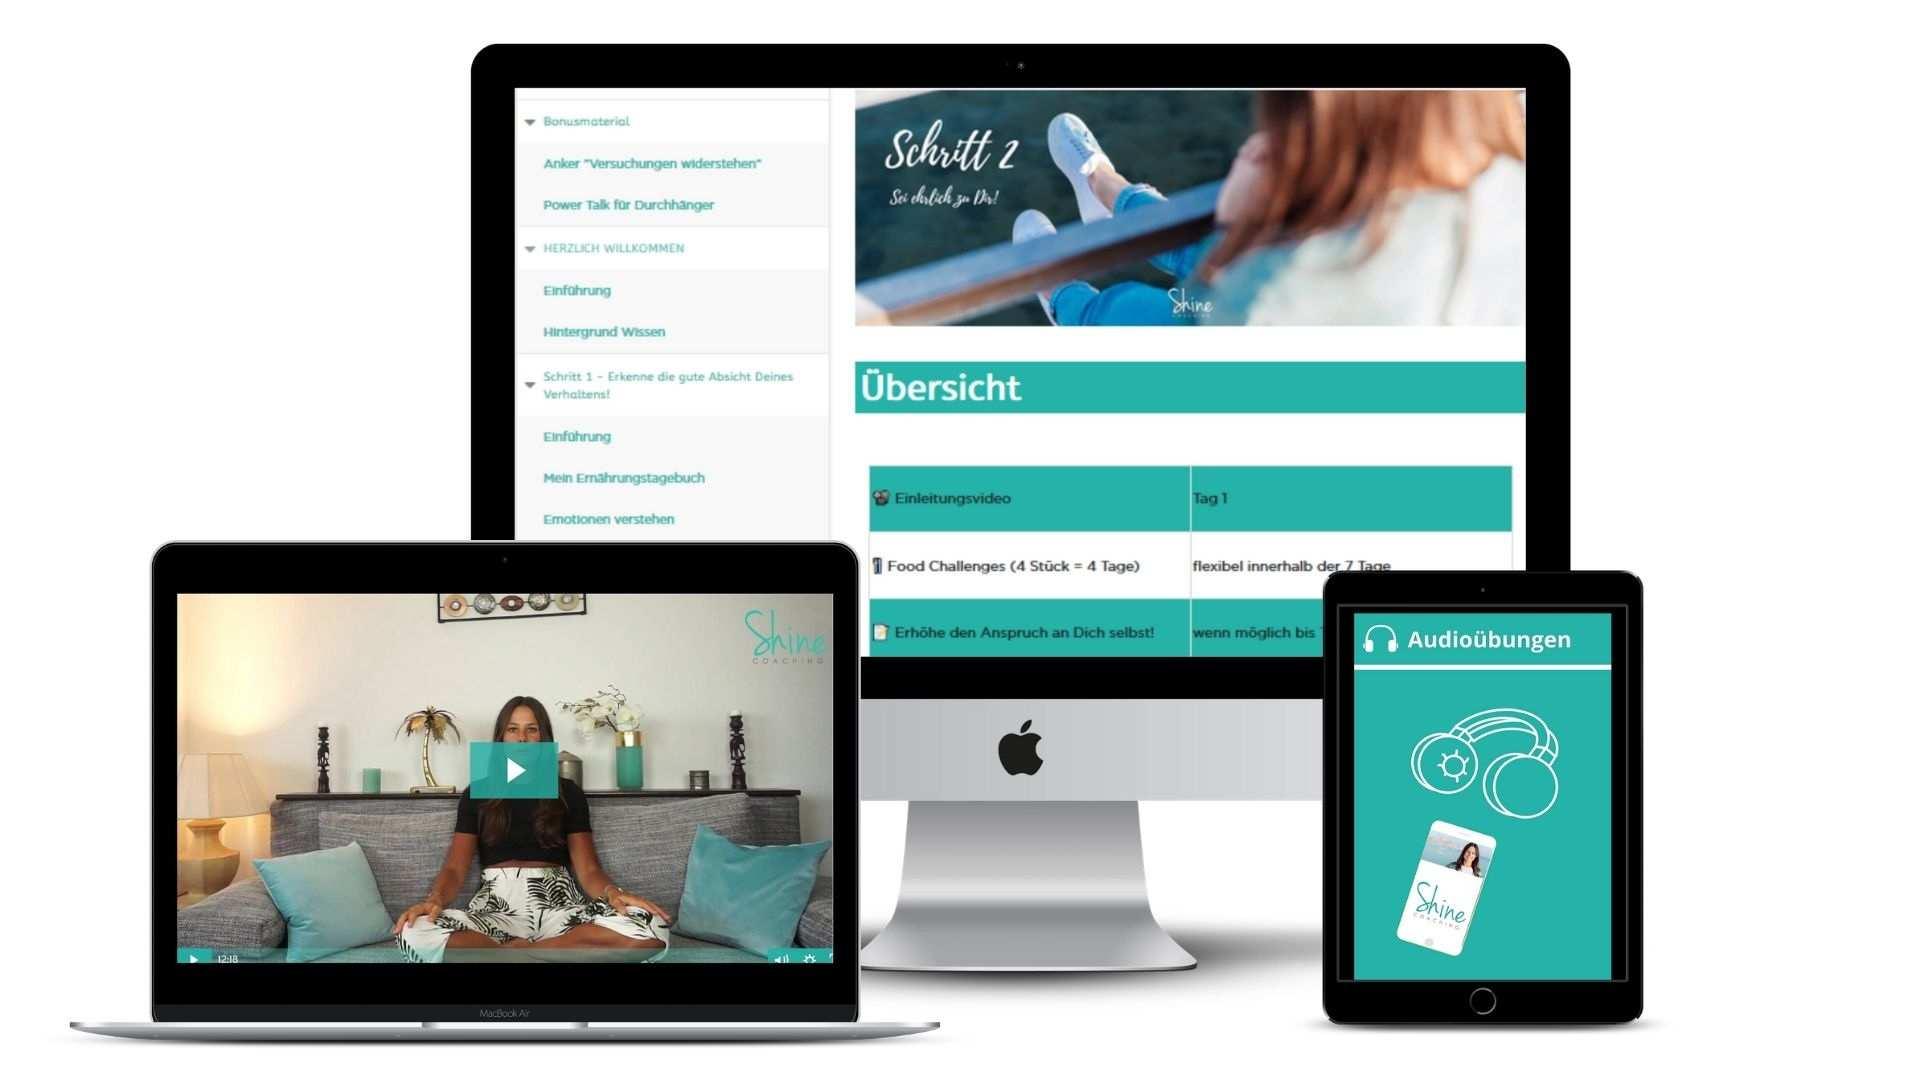 Lifestyle schlank online Programm